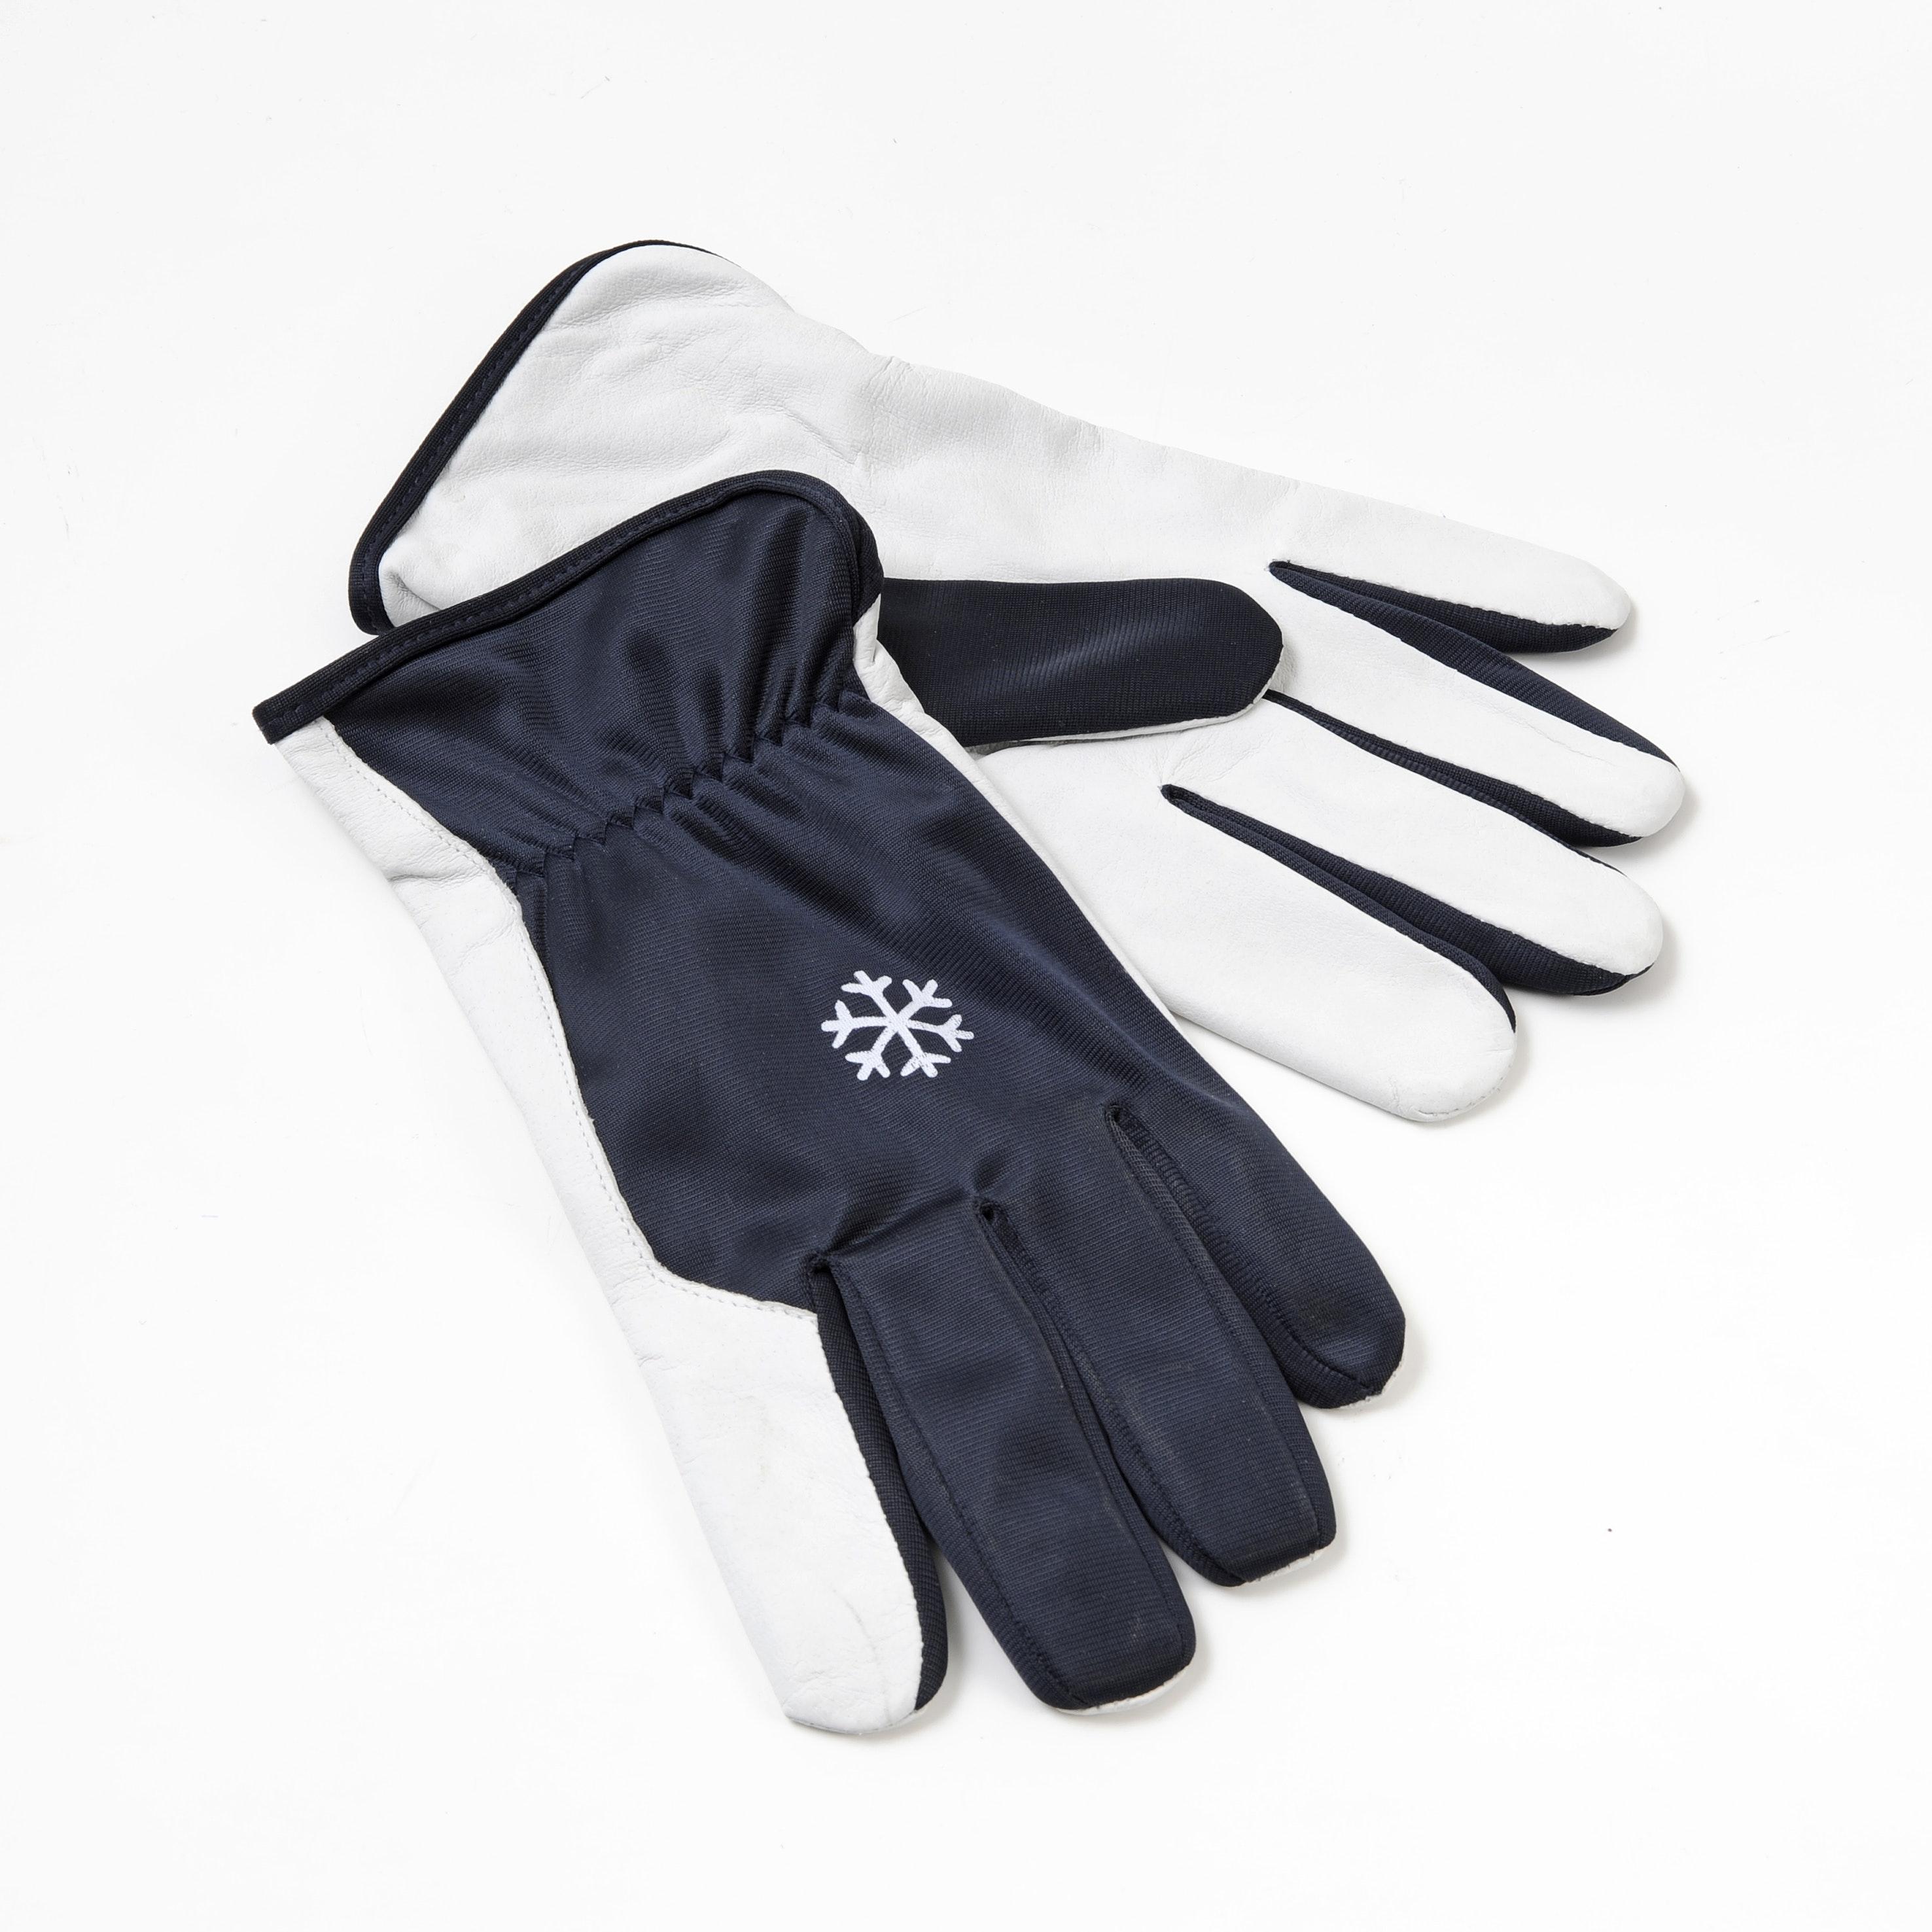 Handskar Prof Soft 310T Mörk Blå Stl 11